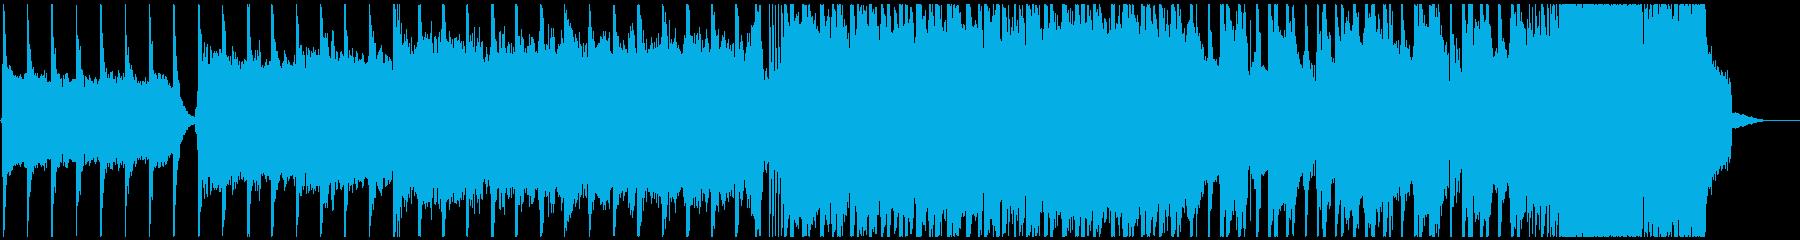 戦闘BGMのメタル曲の再生済みの波形